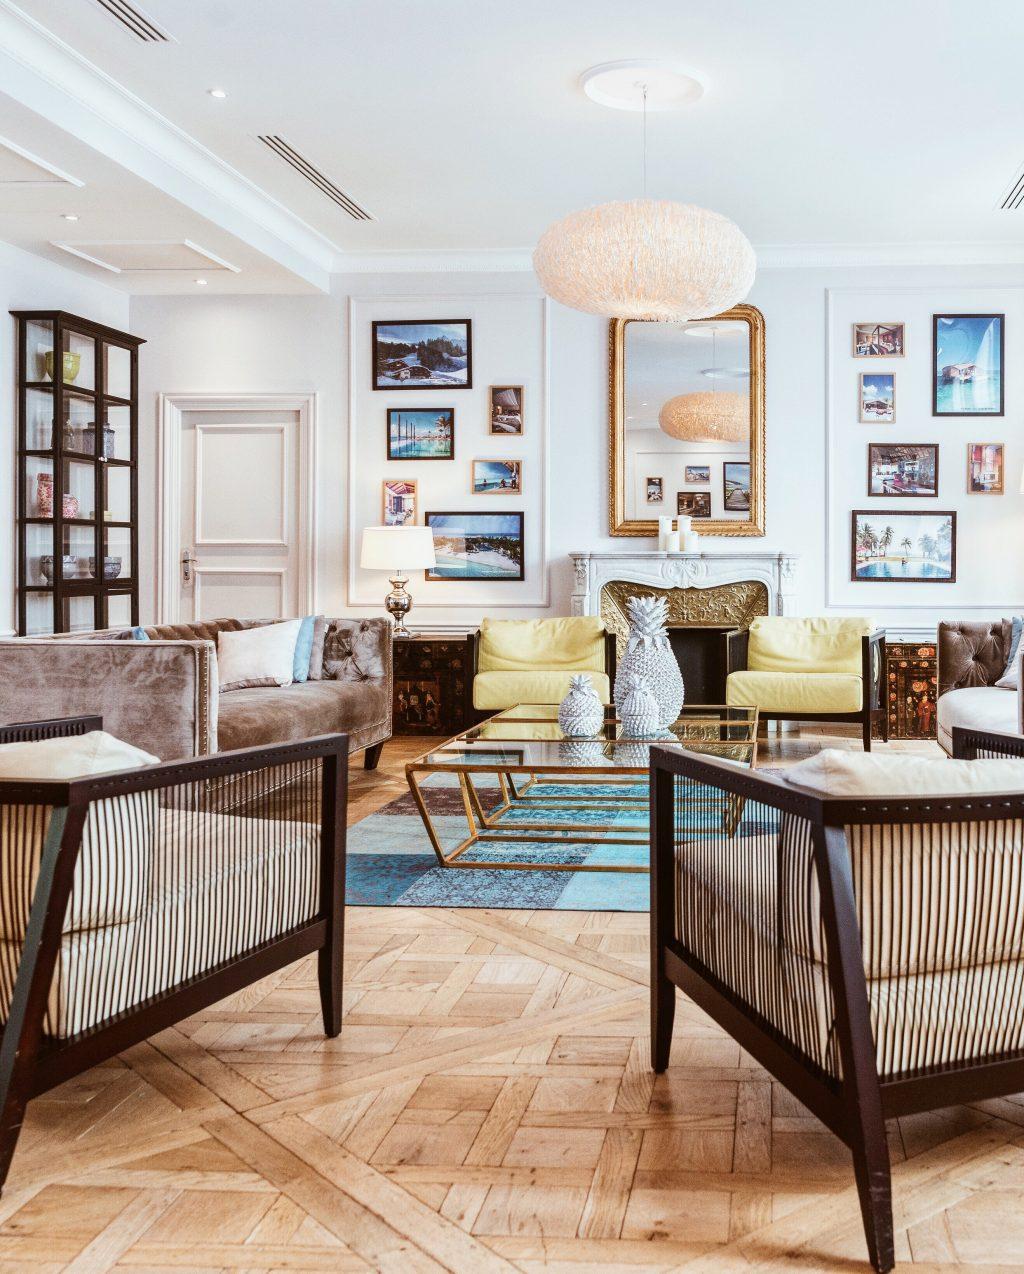 Decora tu casa con fotos personalizadas 1 - Decora tu Casa con los Mejores Momentos